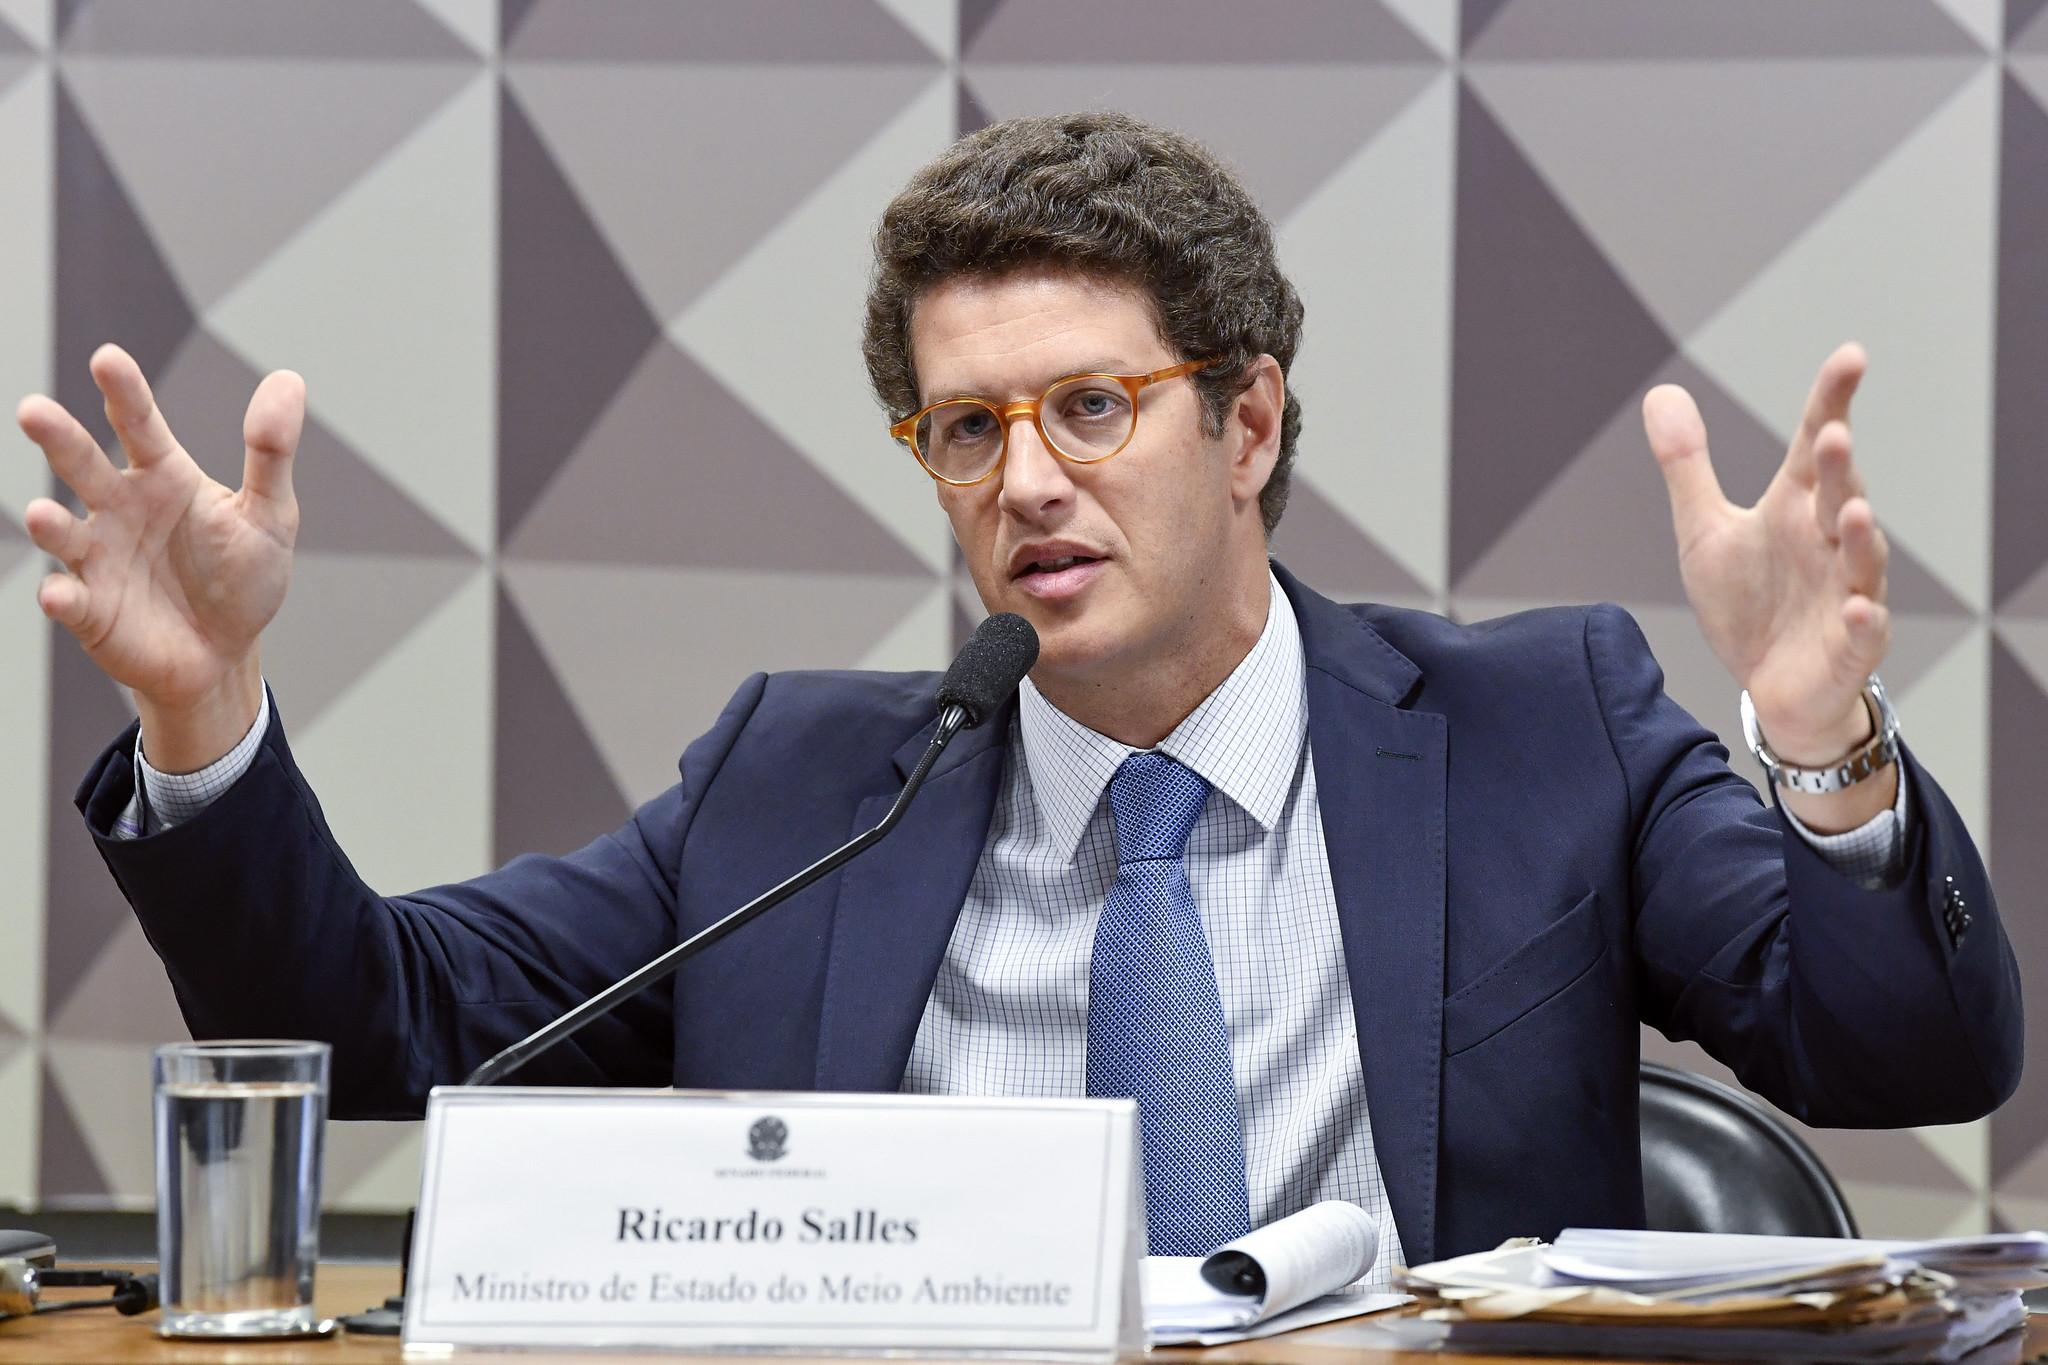 STF AUTORIZA INSTAURAÇÃO DE INQUÉRITO CONTRA RICARDO SALLES